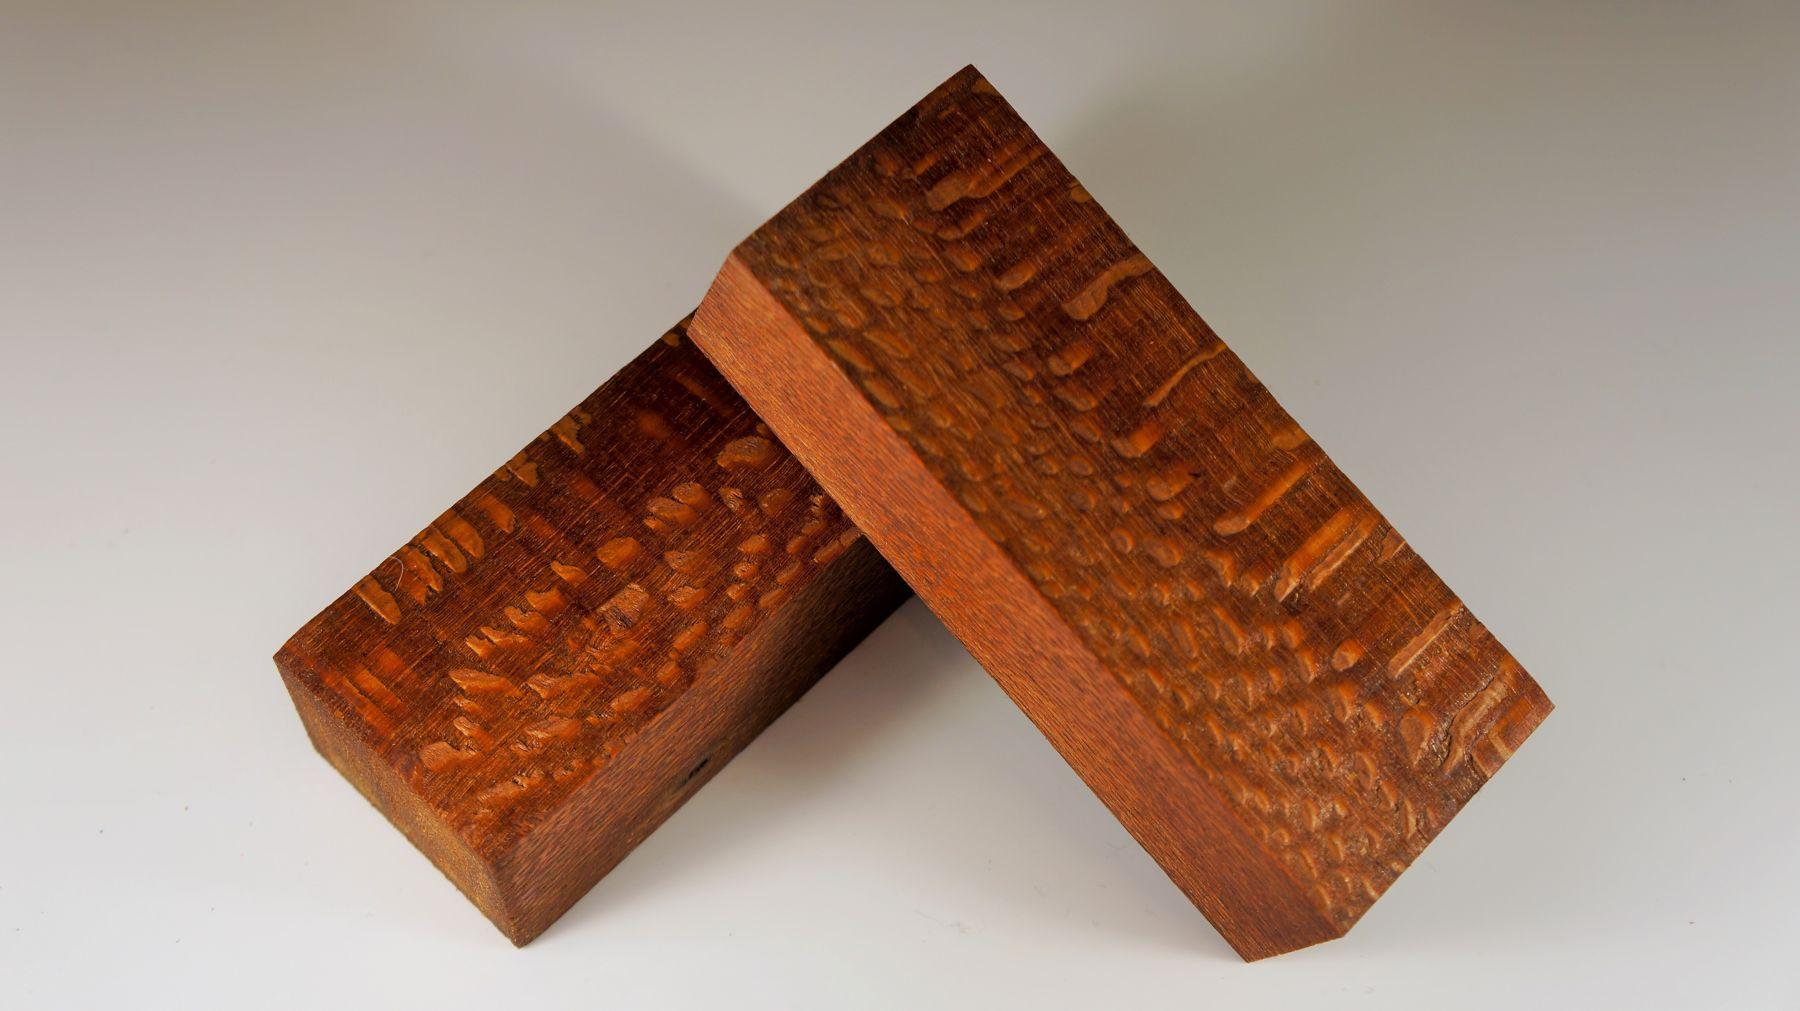 Лайсвуд (Lacewood) плашки 5-7-10-14 мм на выбор (цена за 1 шт)